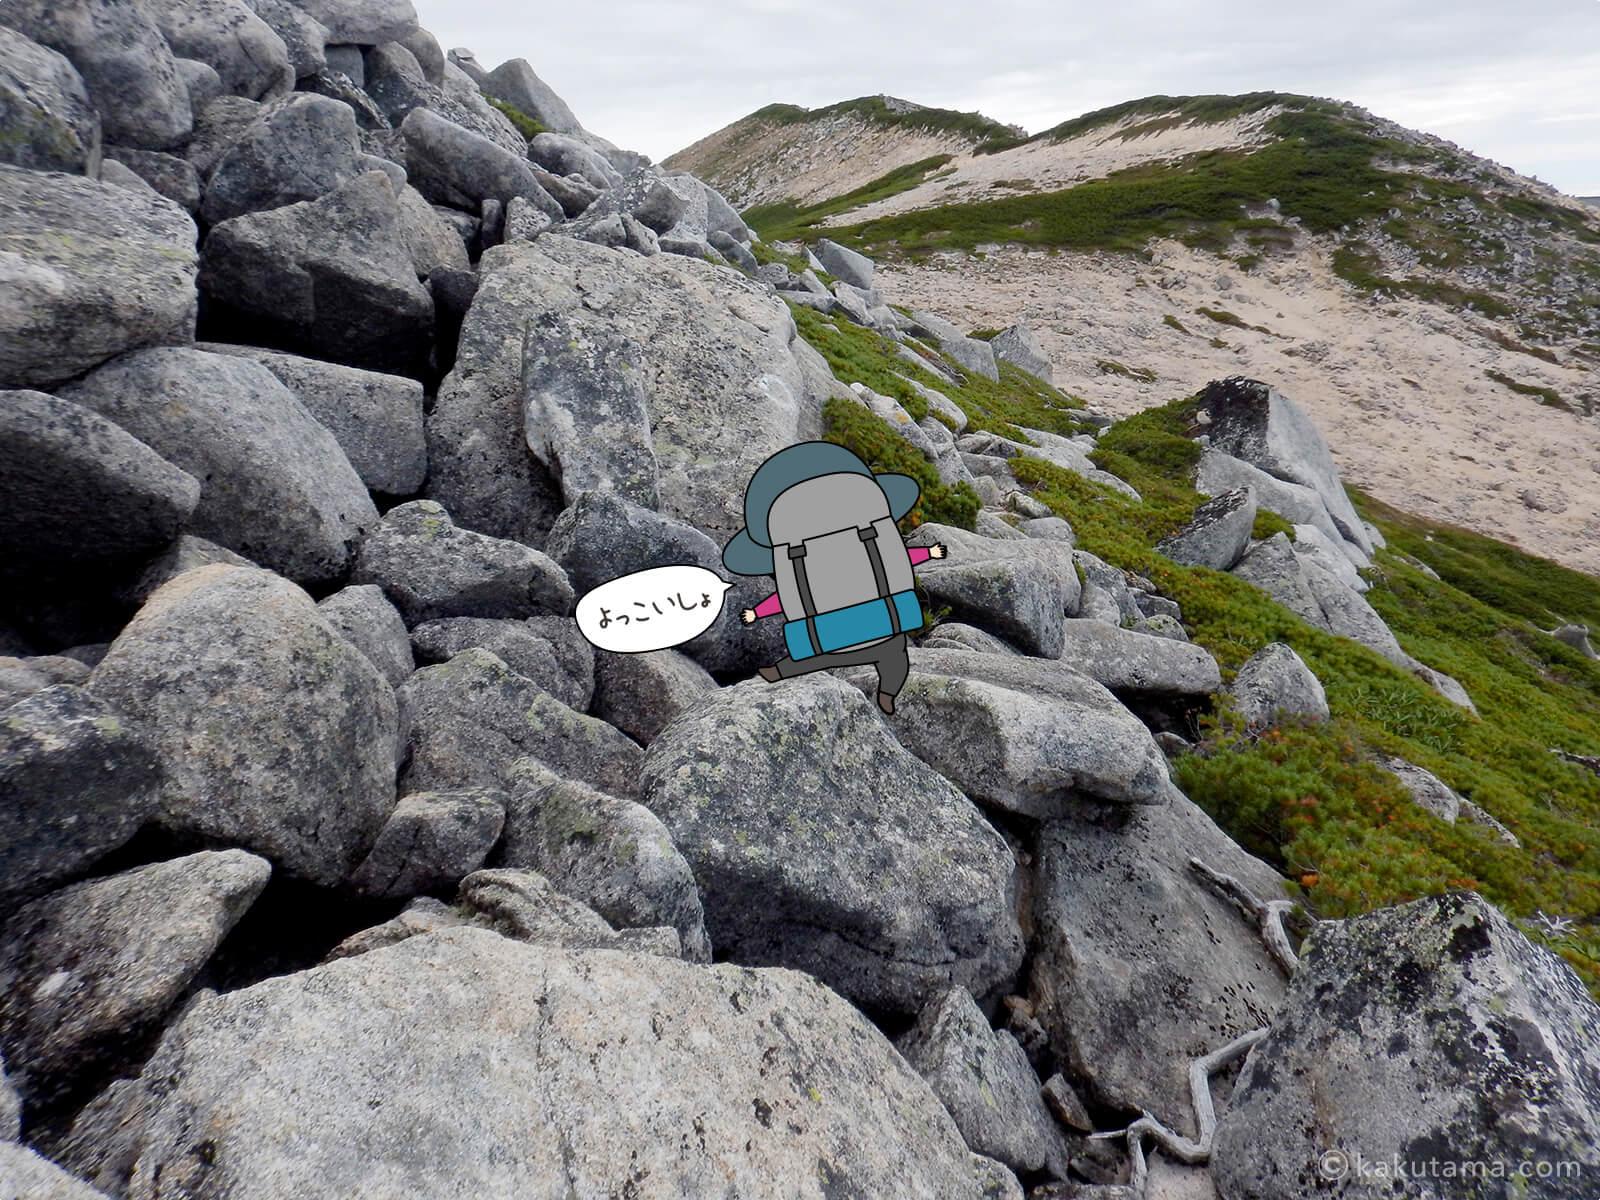 気をつけて岩場を通過